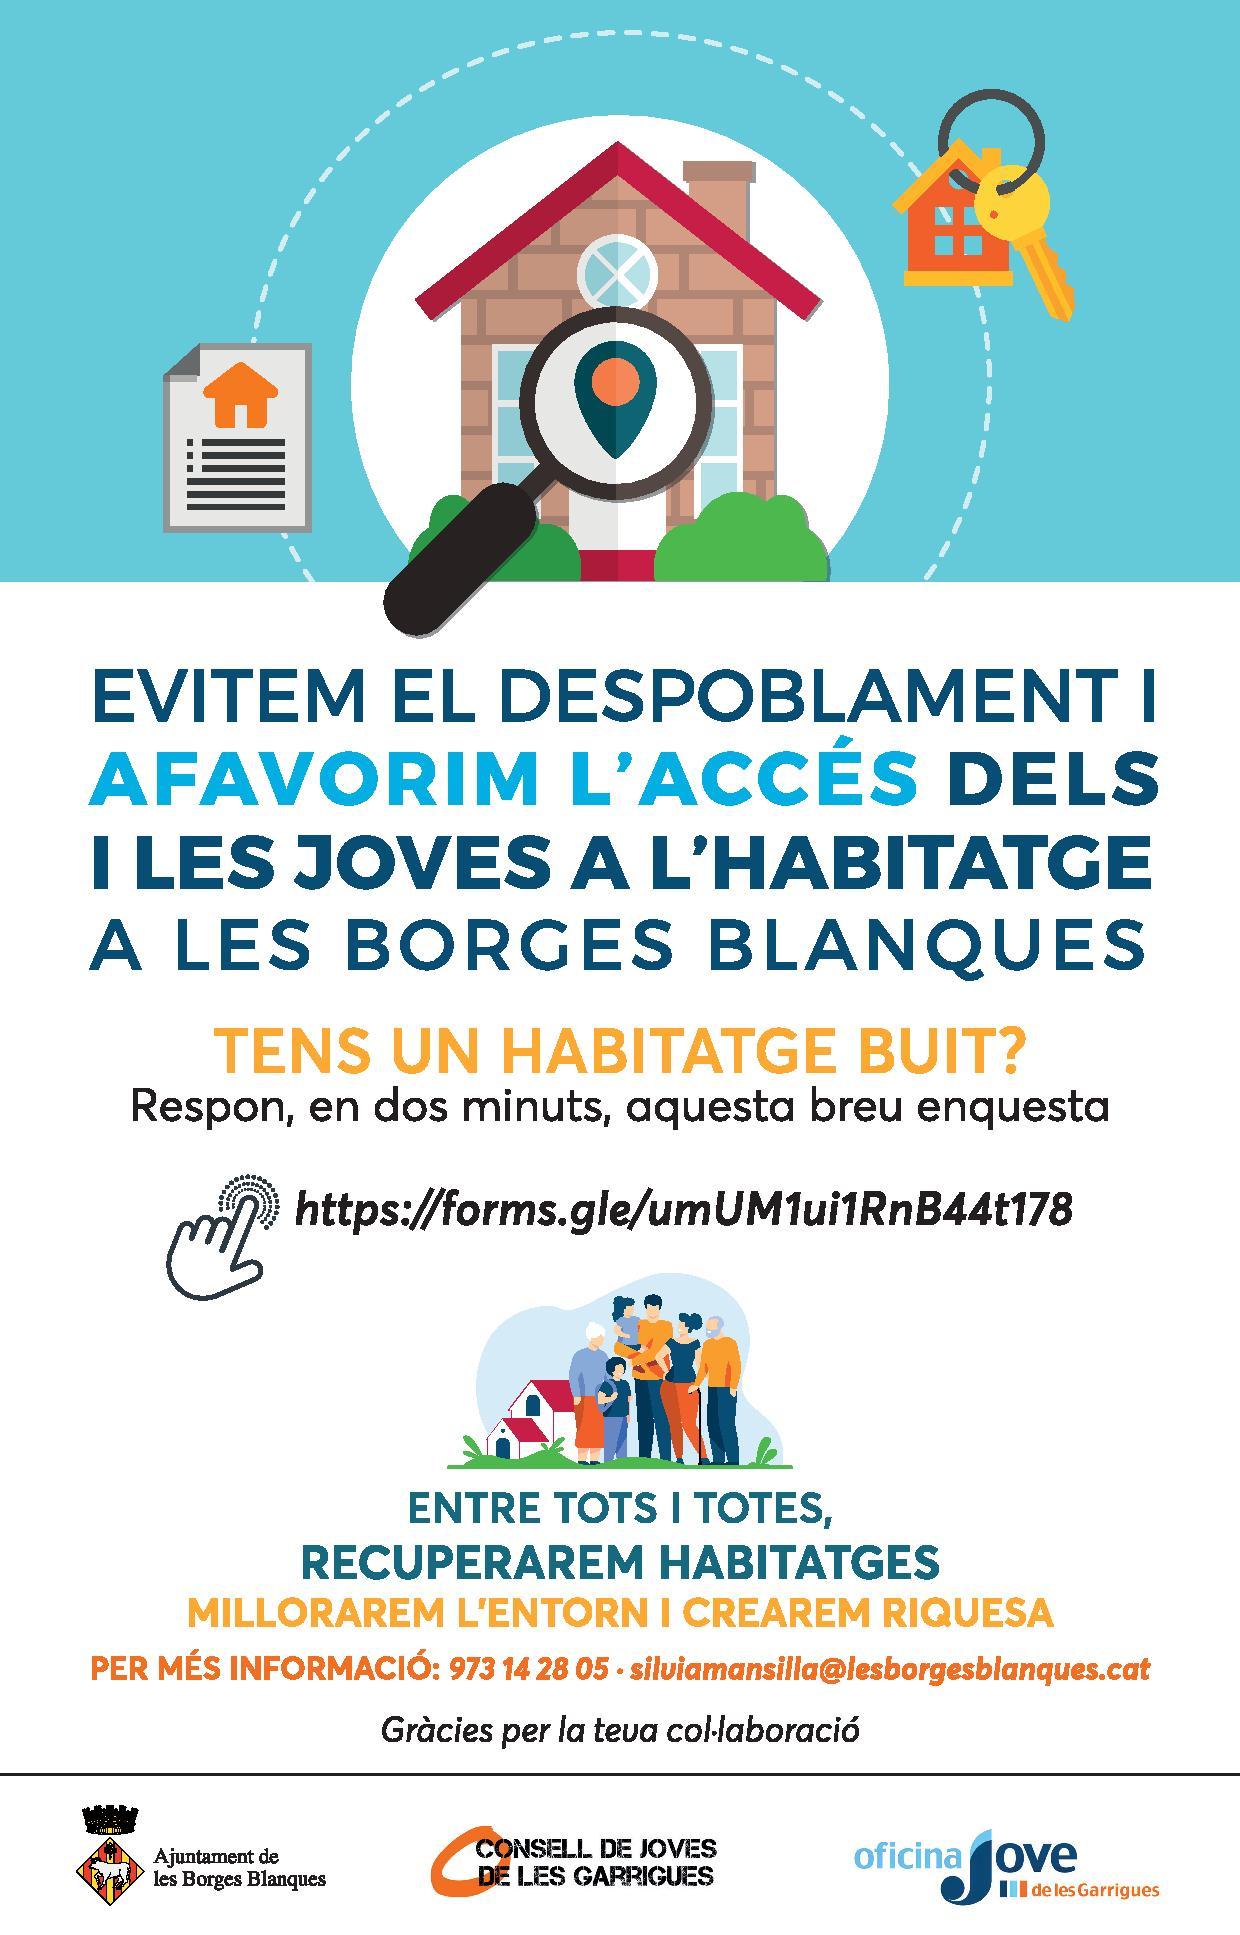 Les Borges elabora un cens d'habitatges buits, per a facilitar-hi l'accés a les persones joves